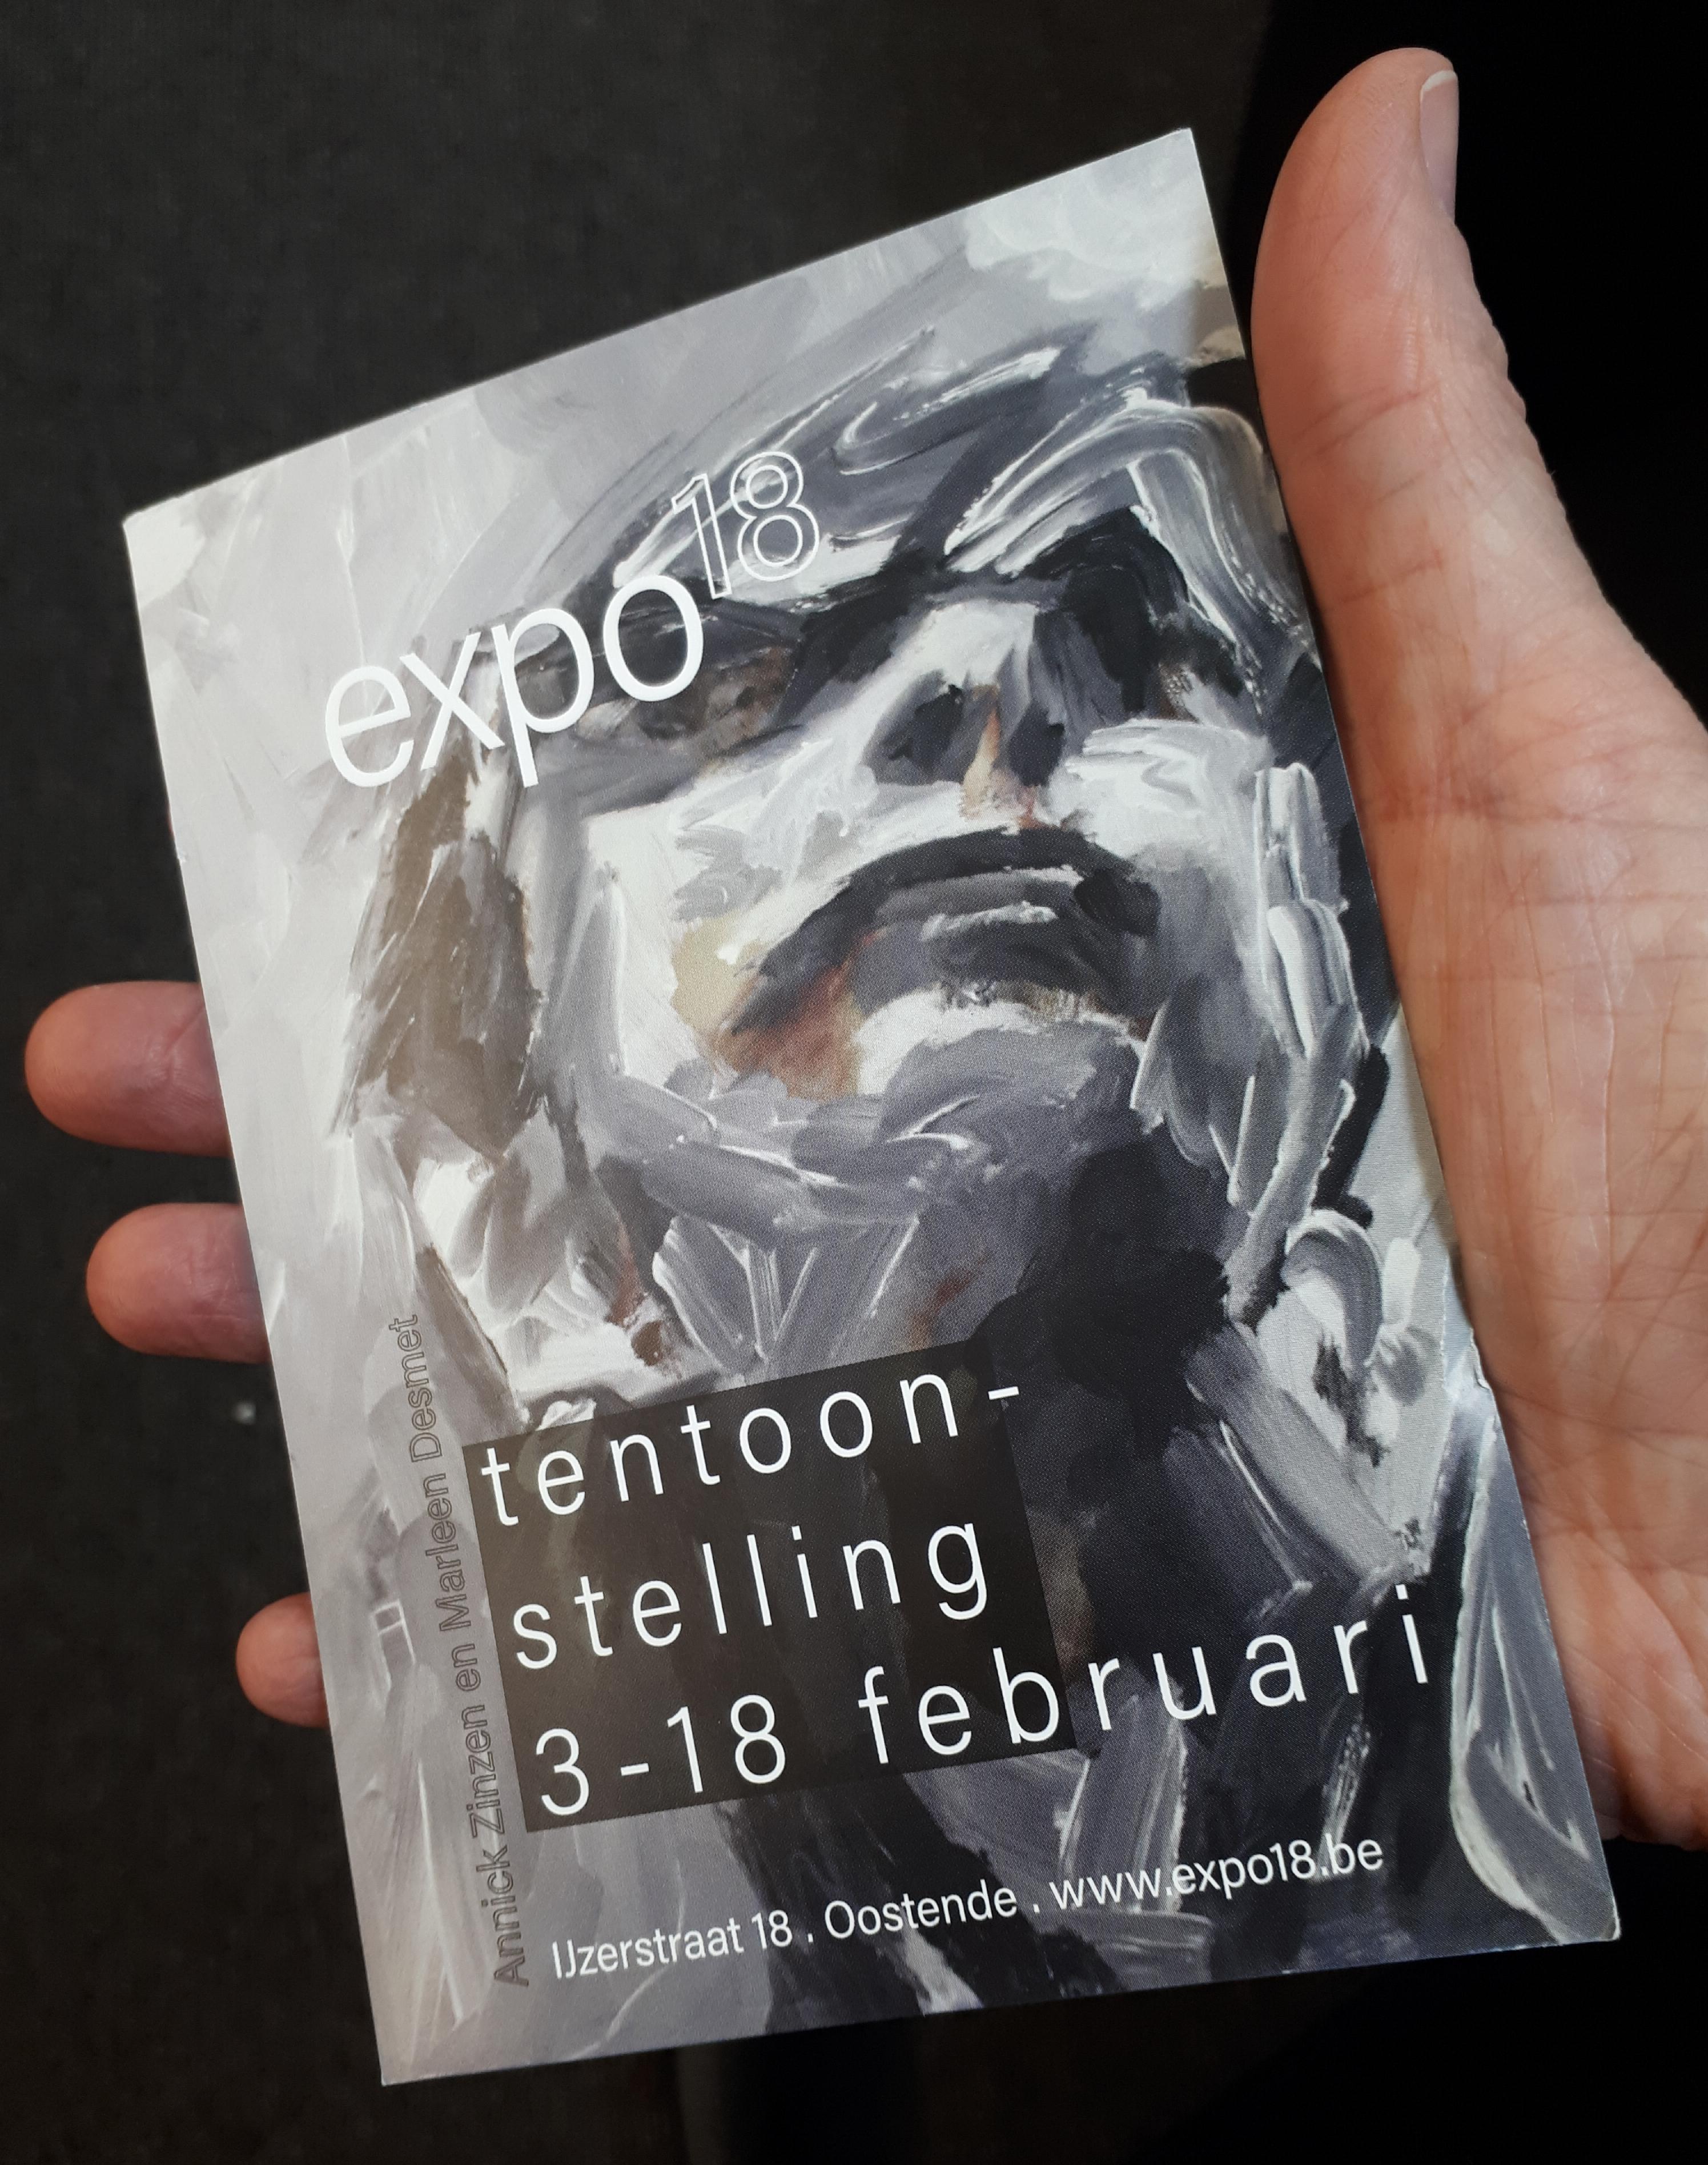 Expo18, IJzerstraat, Oostende